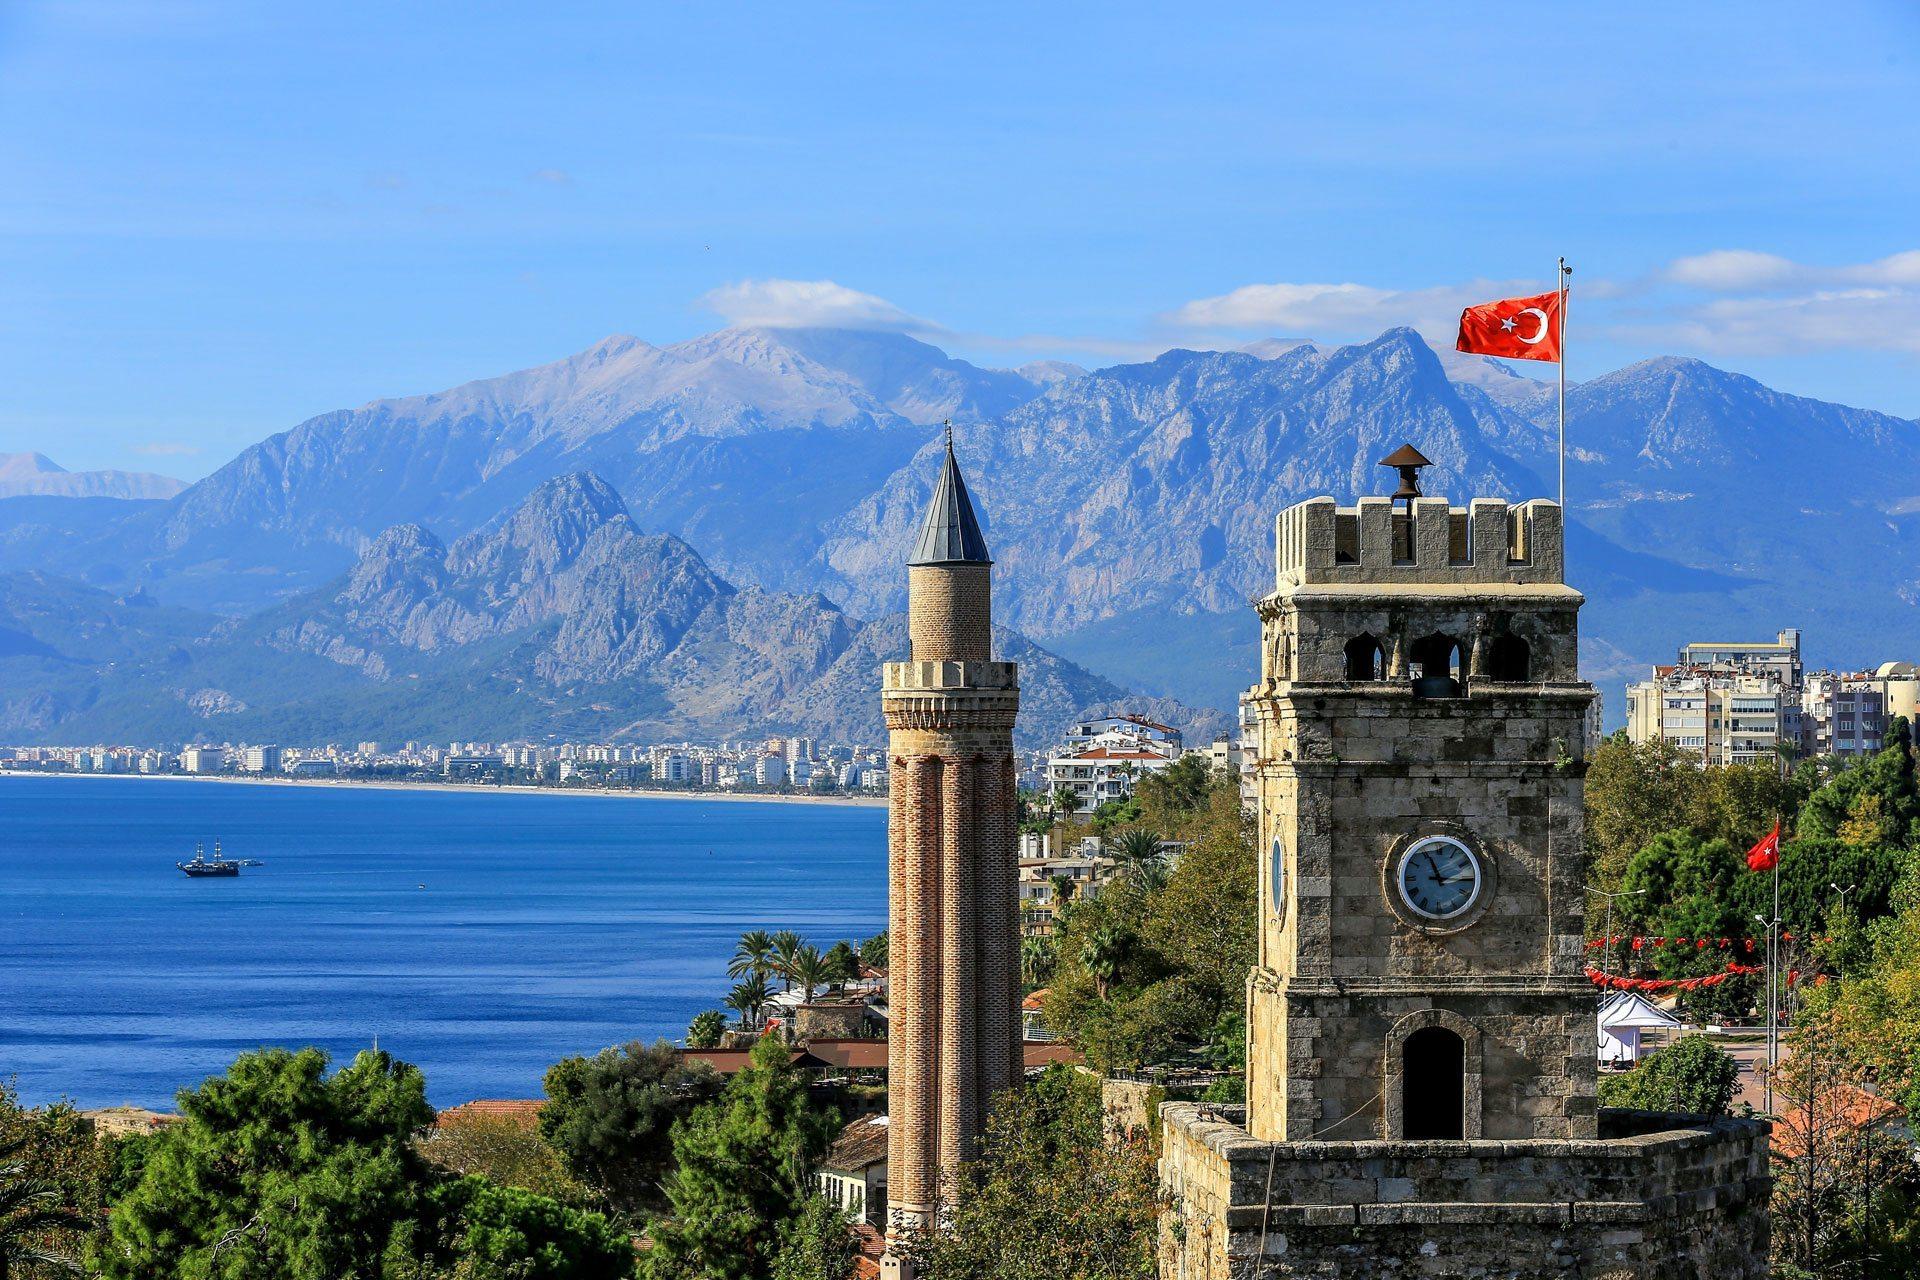 Tyrkiet Eksperten var ved sin konkurs i 2013 Danmarks femte største charterbureau og største danske arrangør af rejser til Tyrkiet. Arkivfoto.